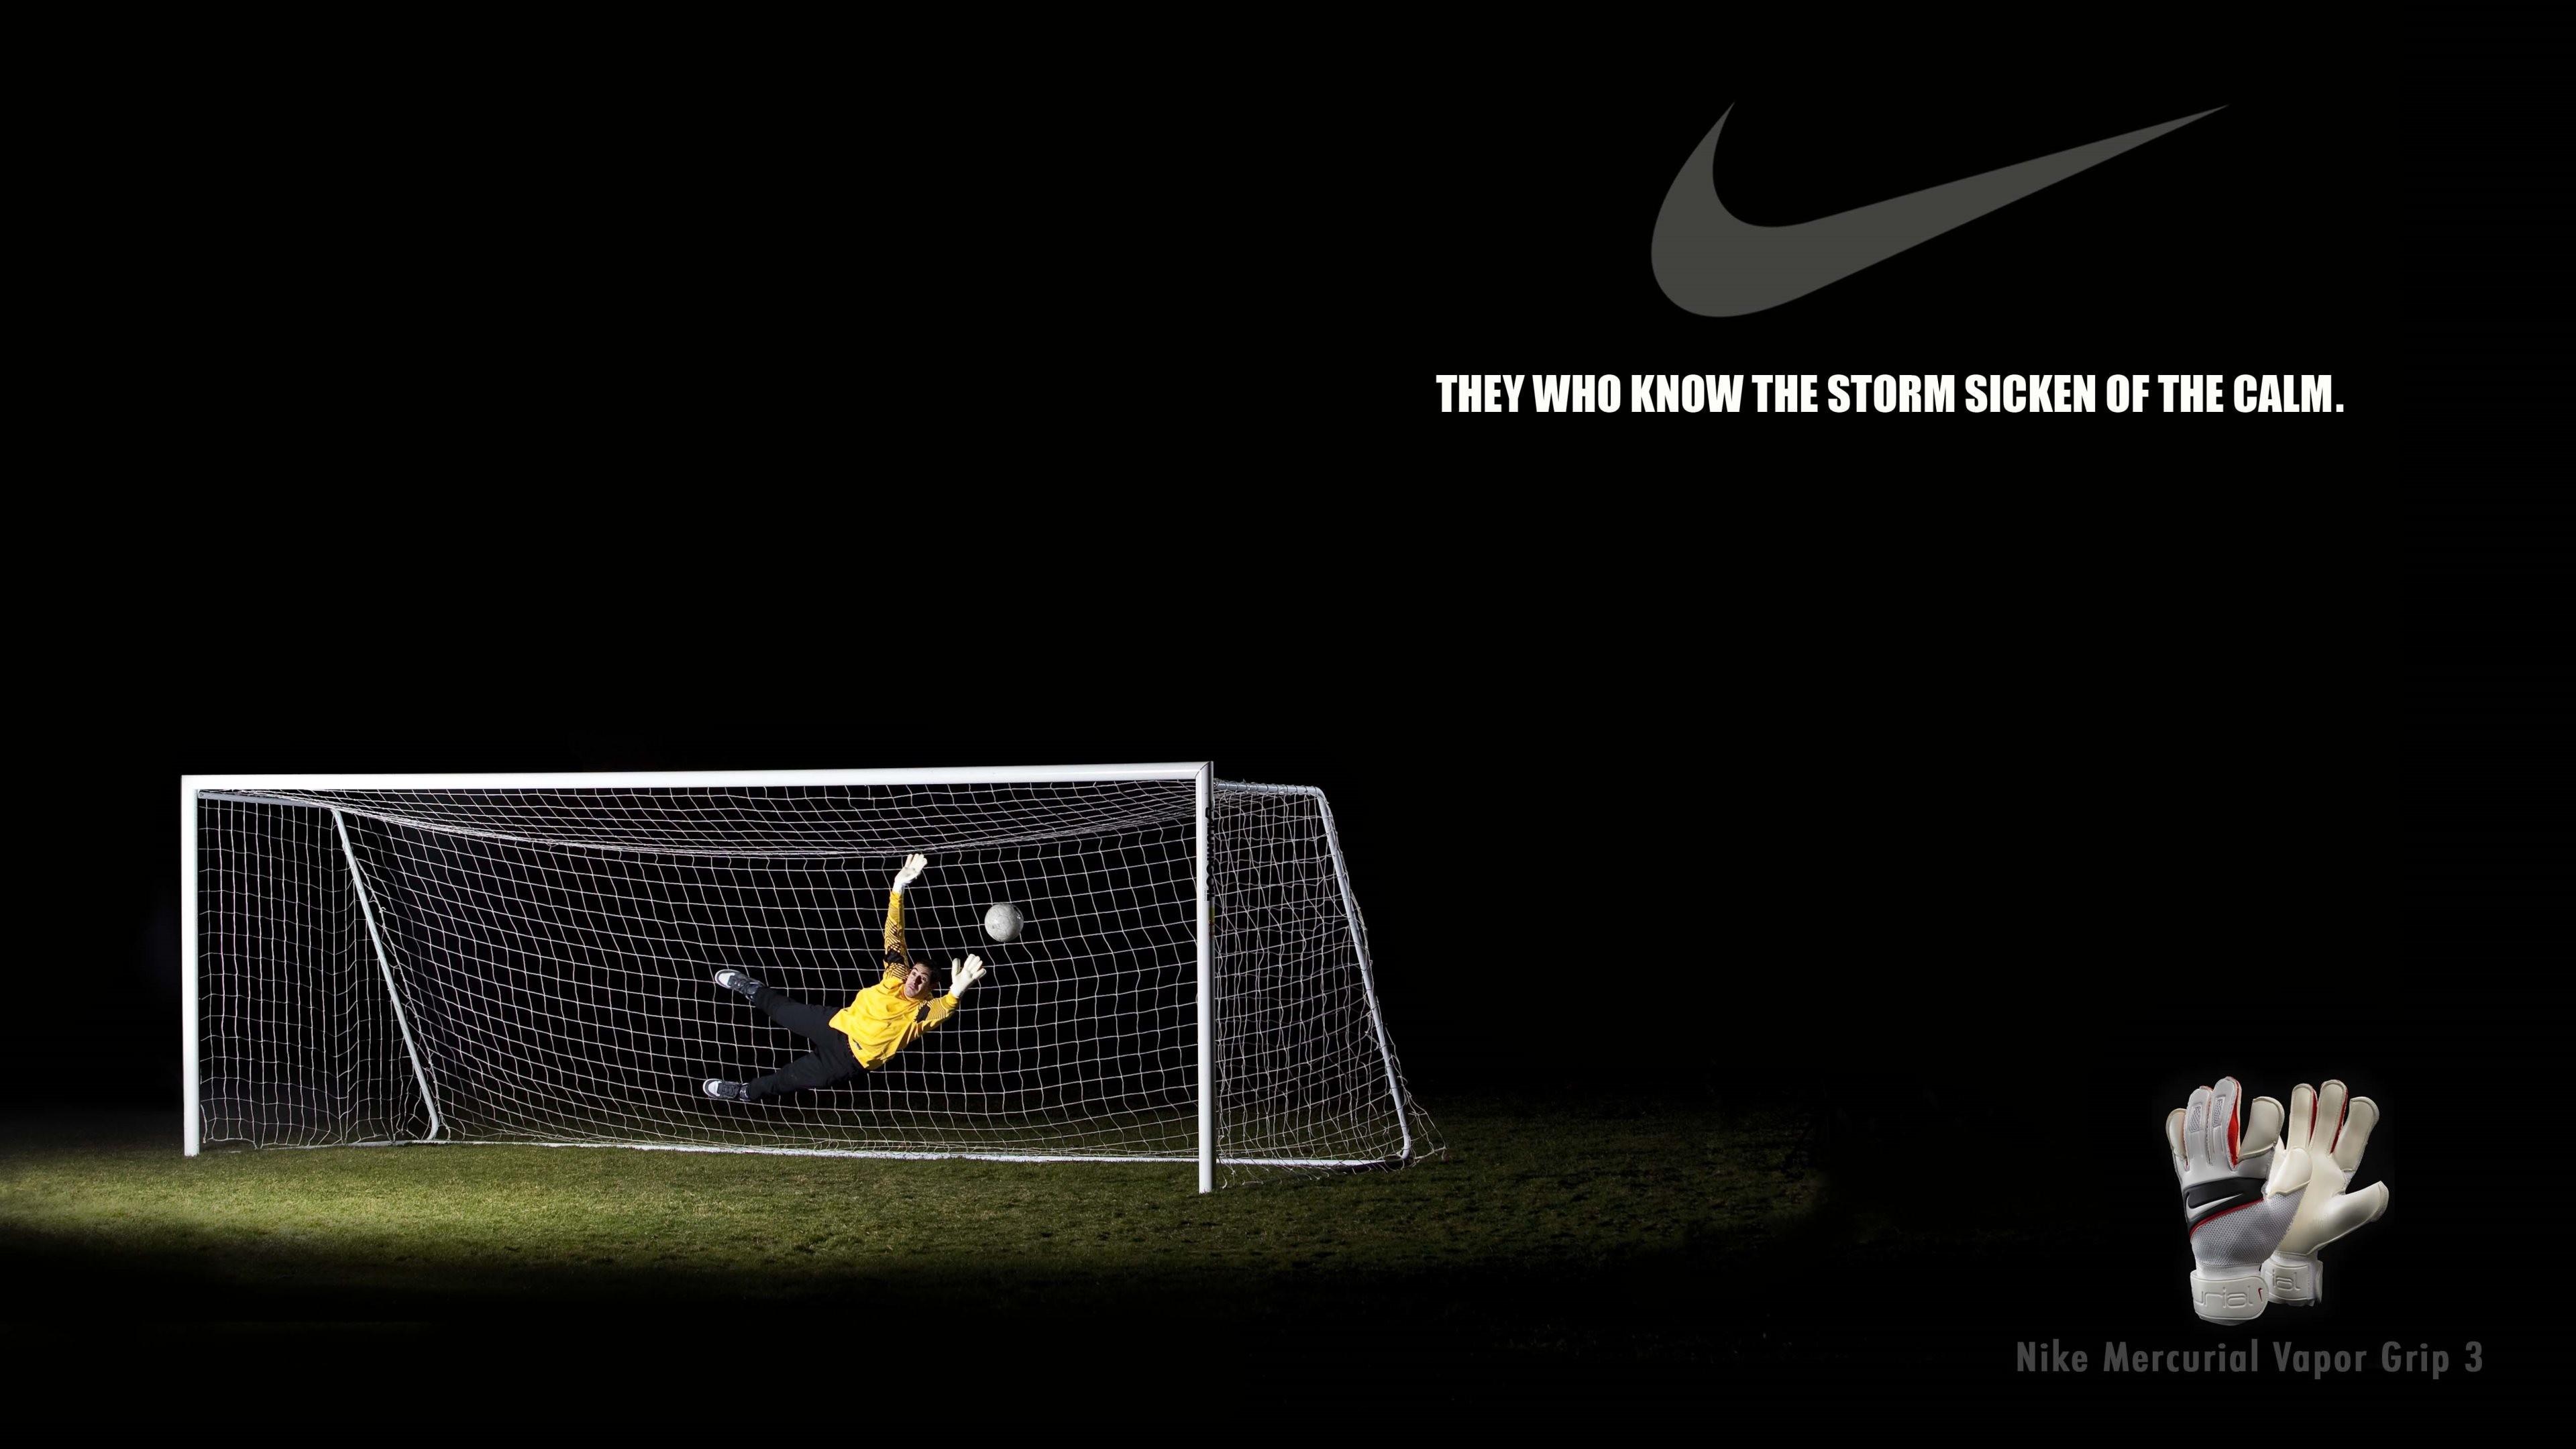 Nike Creative 4.